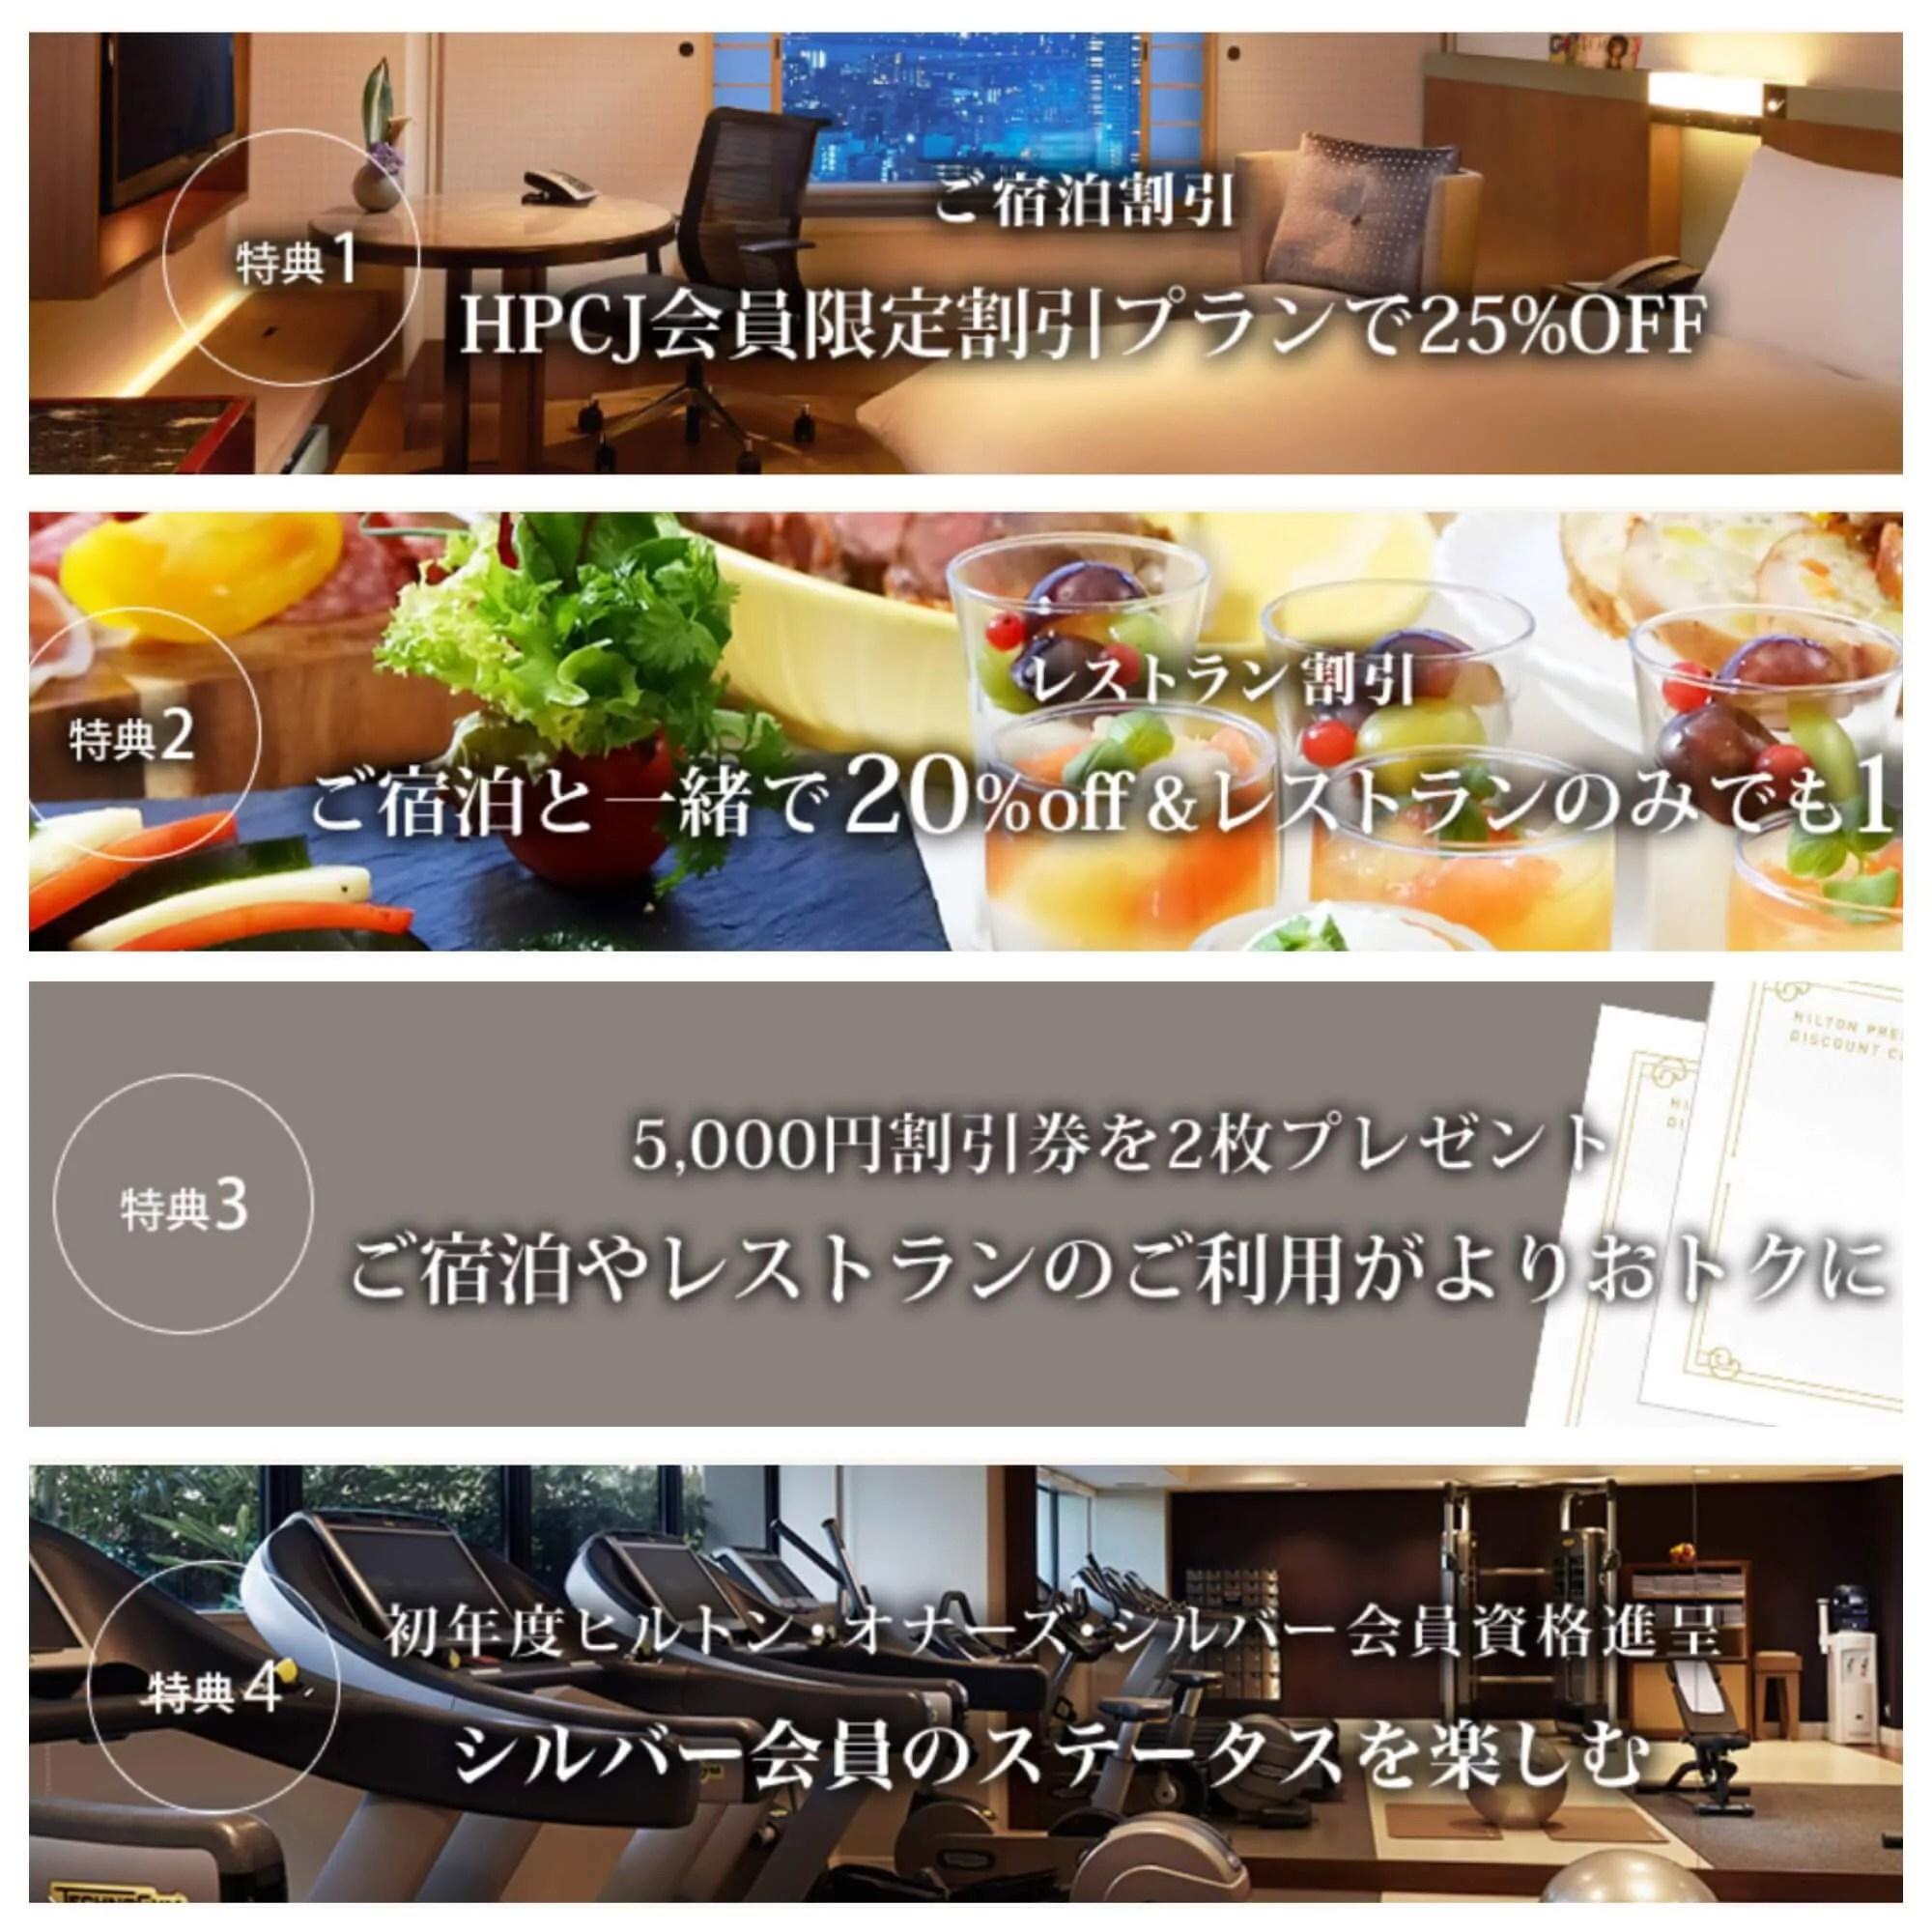 ヒルトンプレミアムクラブジャパン(HPCJ)特典一覧とお得な入会方法